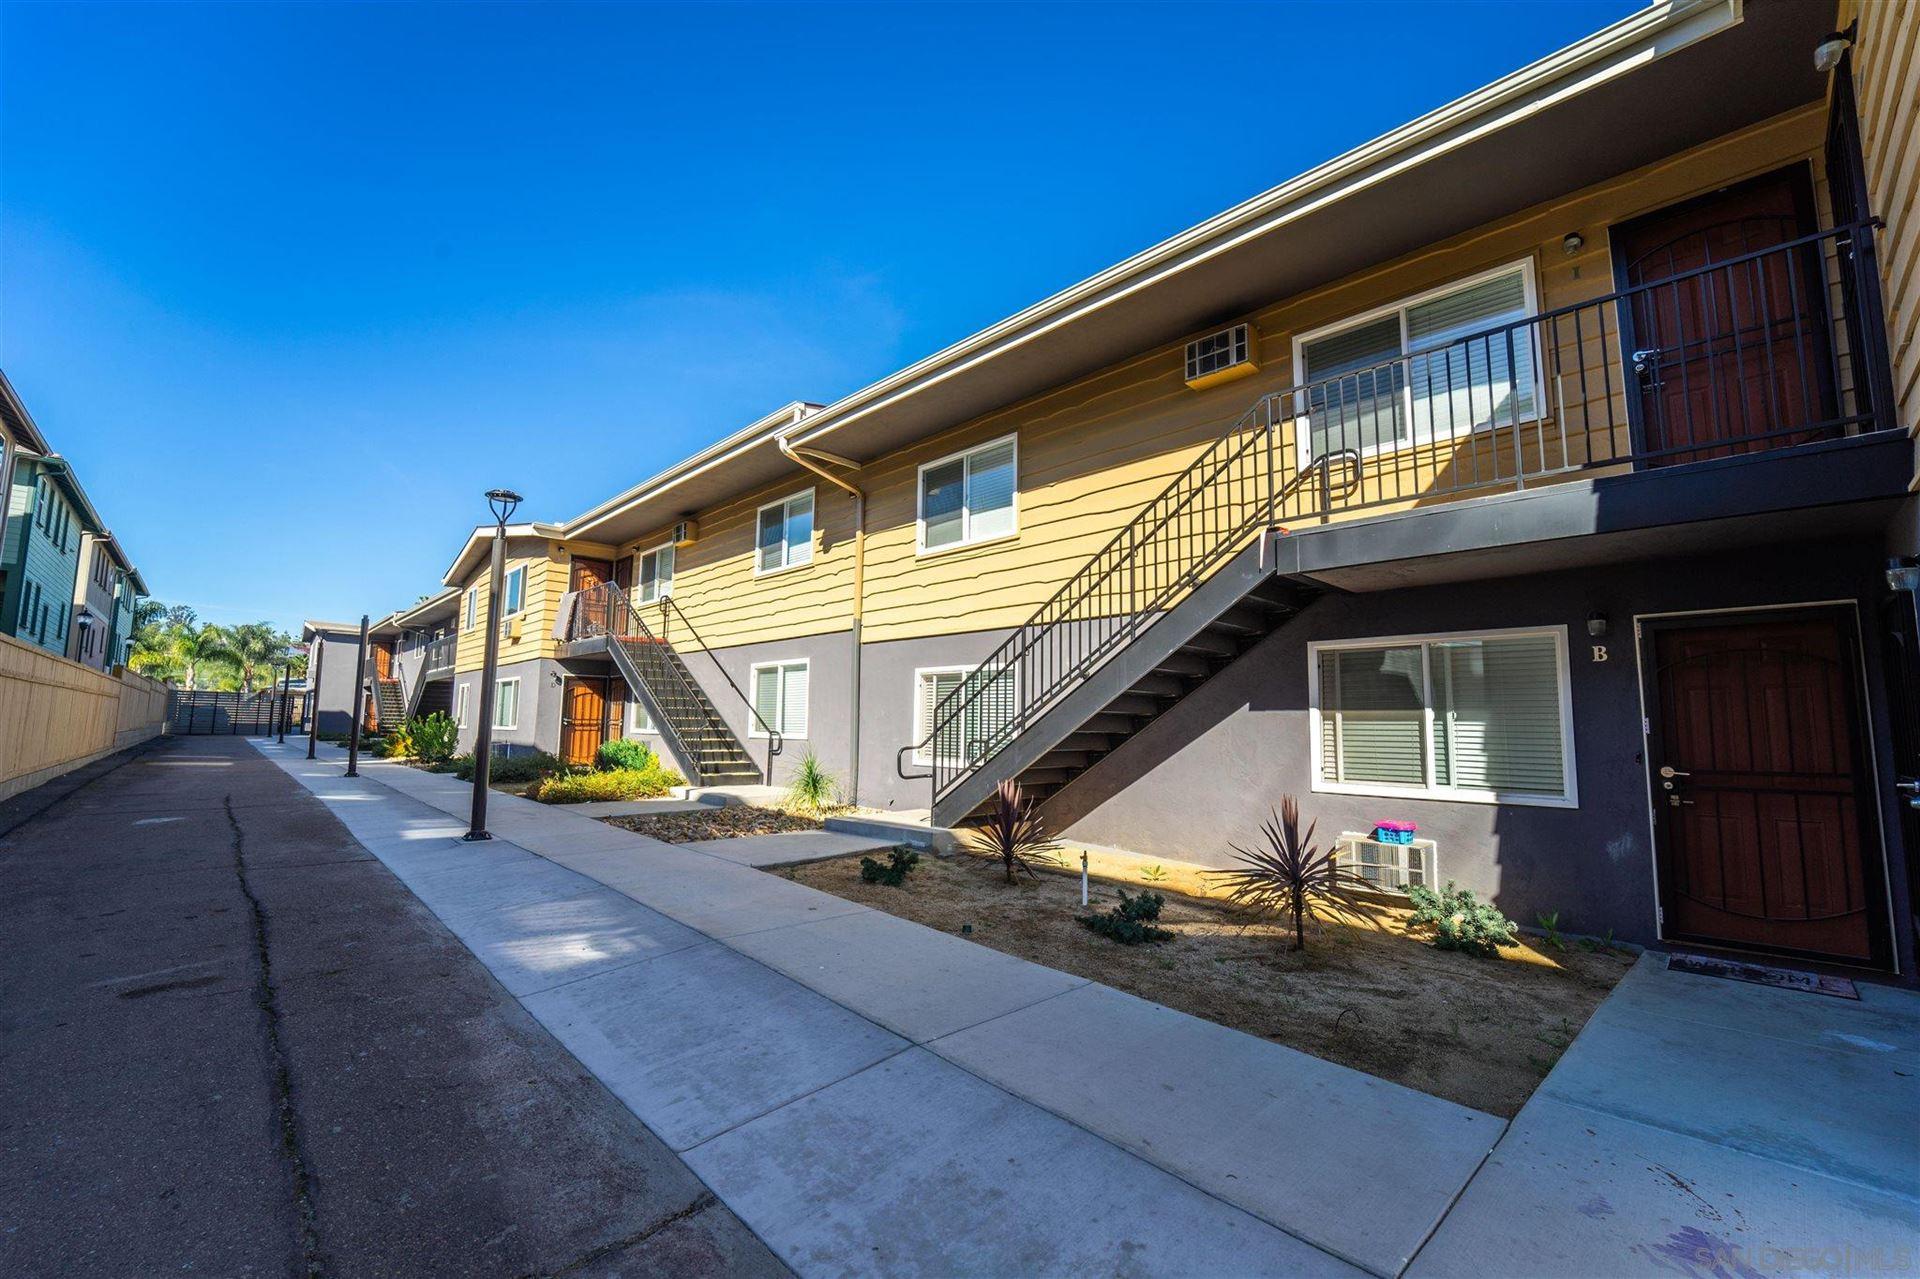 Photo of 424 Emerald Avenue, El Cajon, CA 92020 (MLS # 210017481)